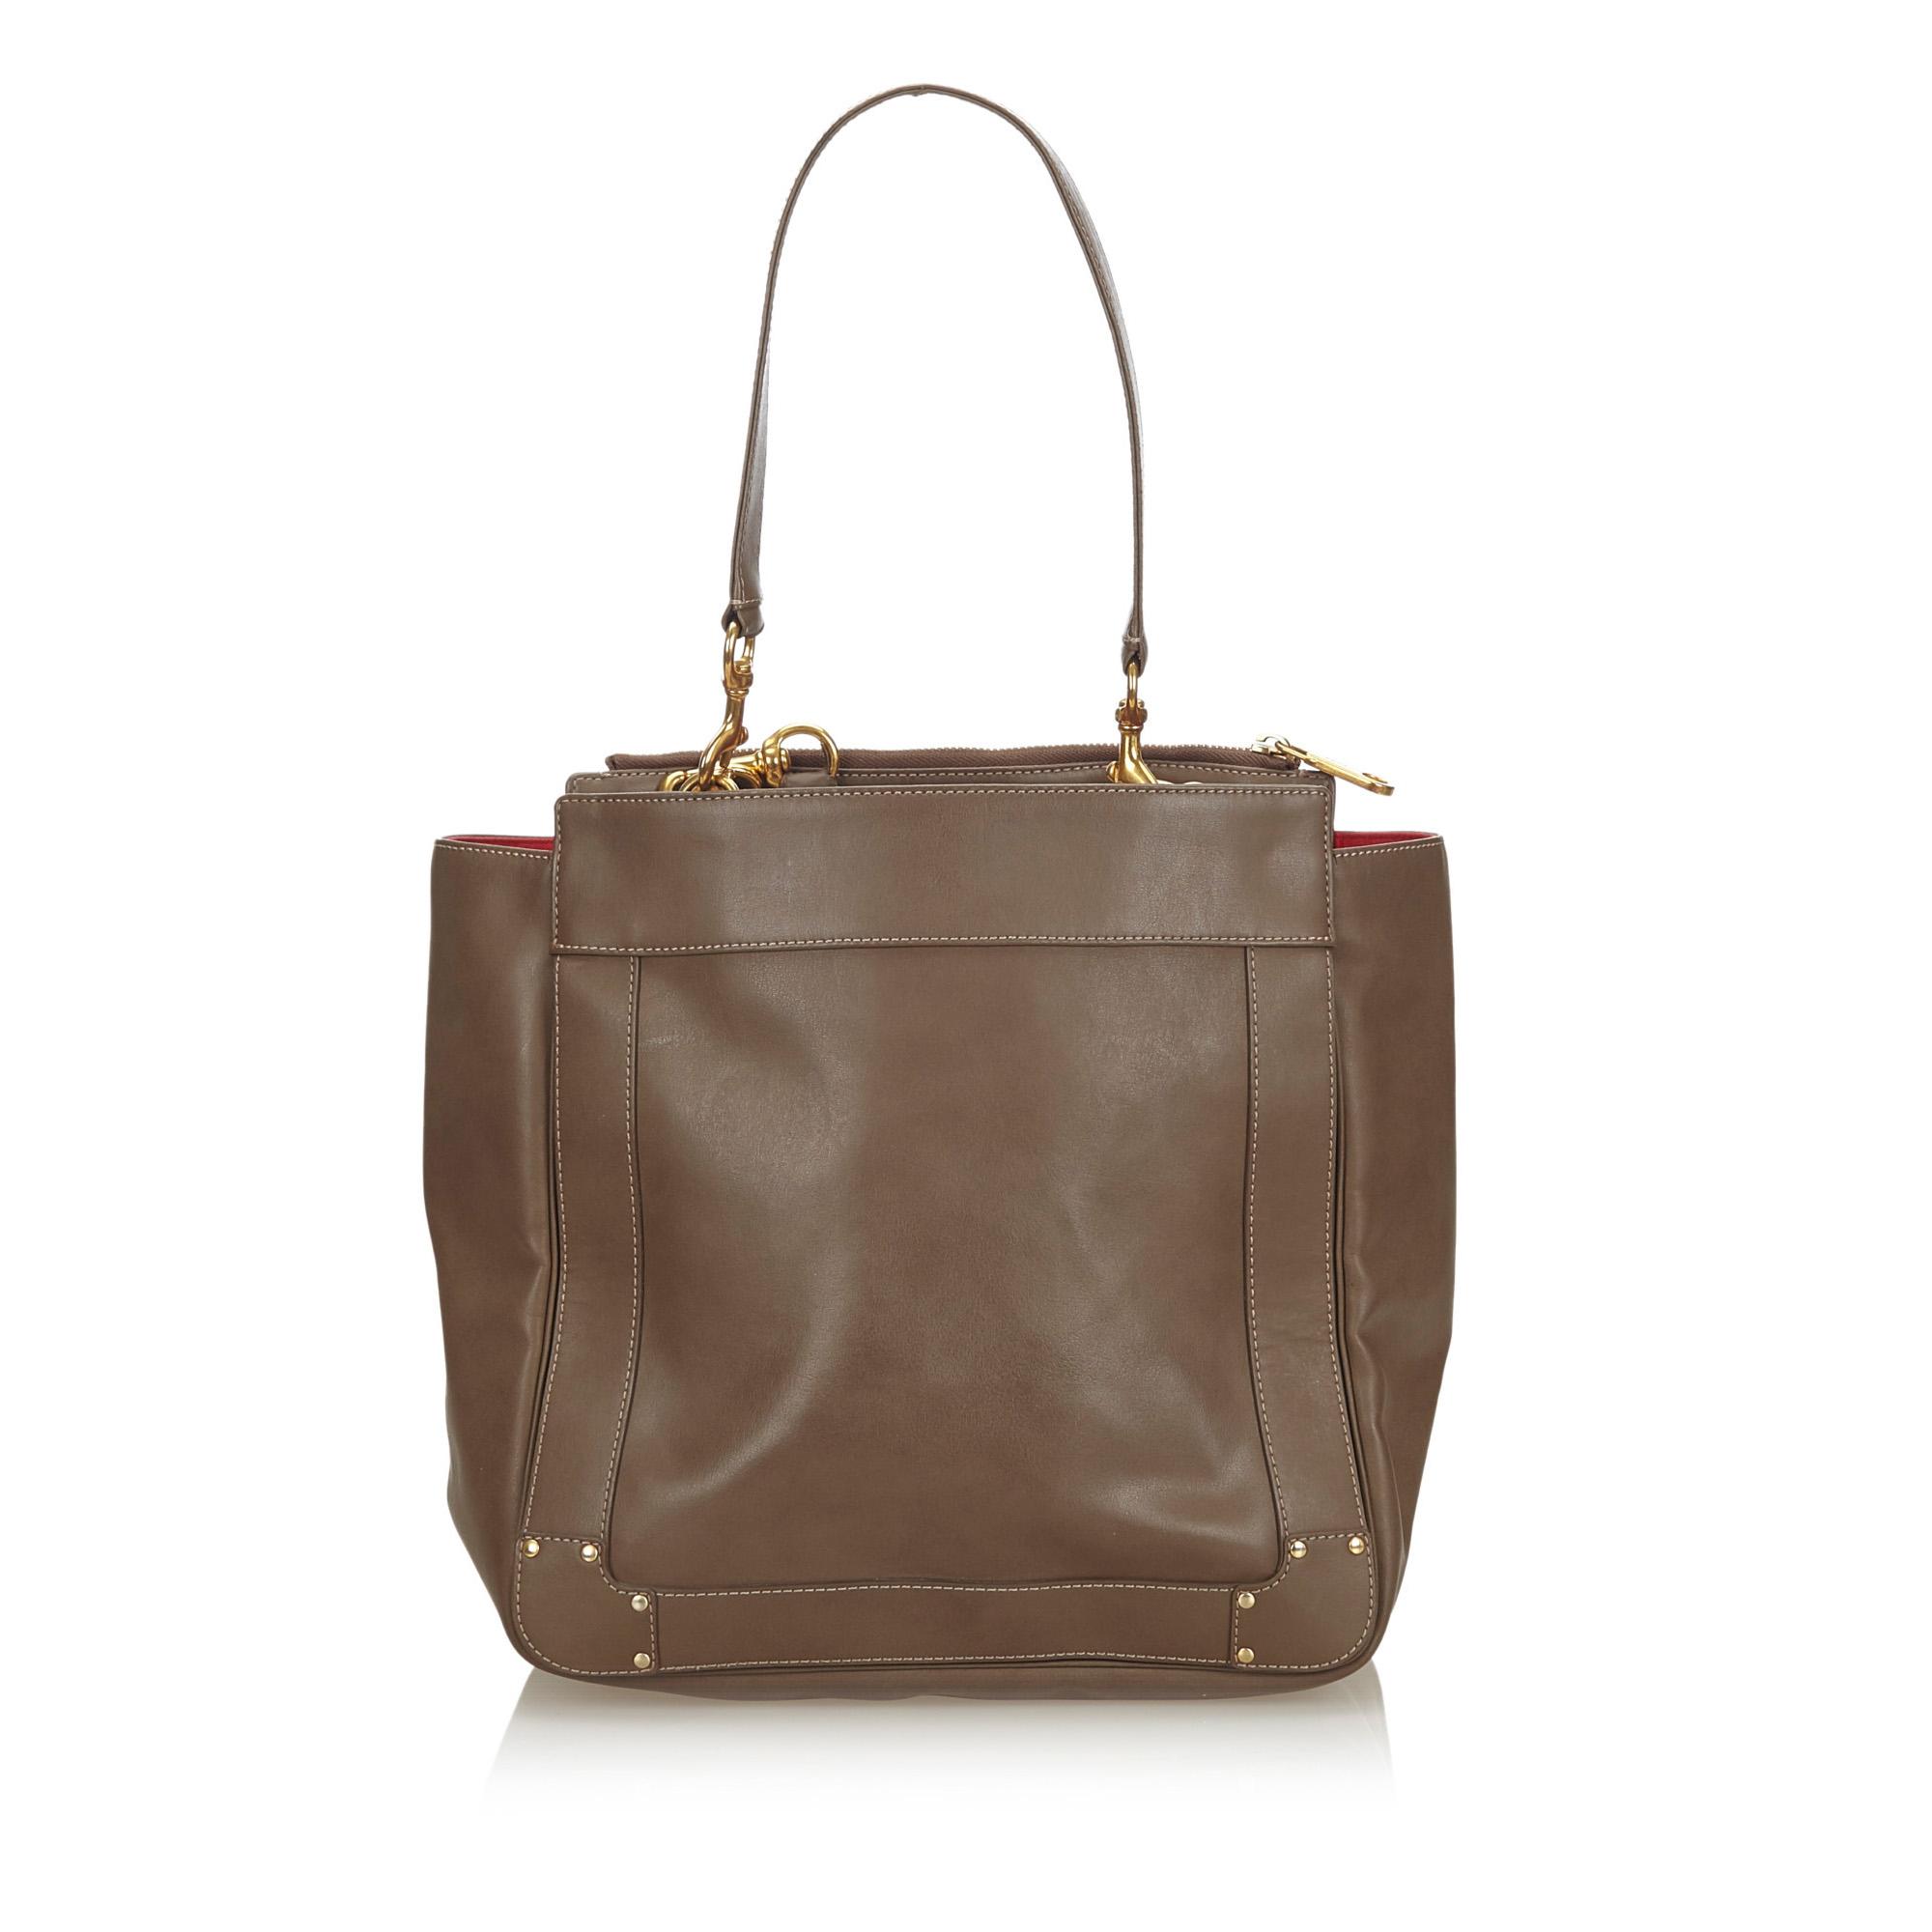 Chloe Brown Leather Eden Tote Bag Chloe